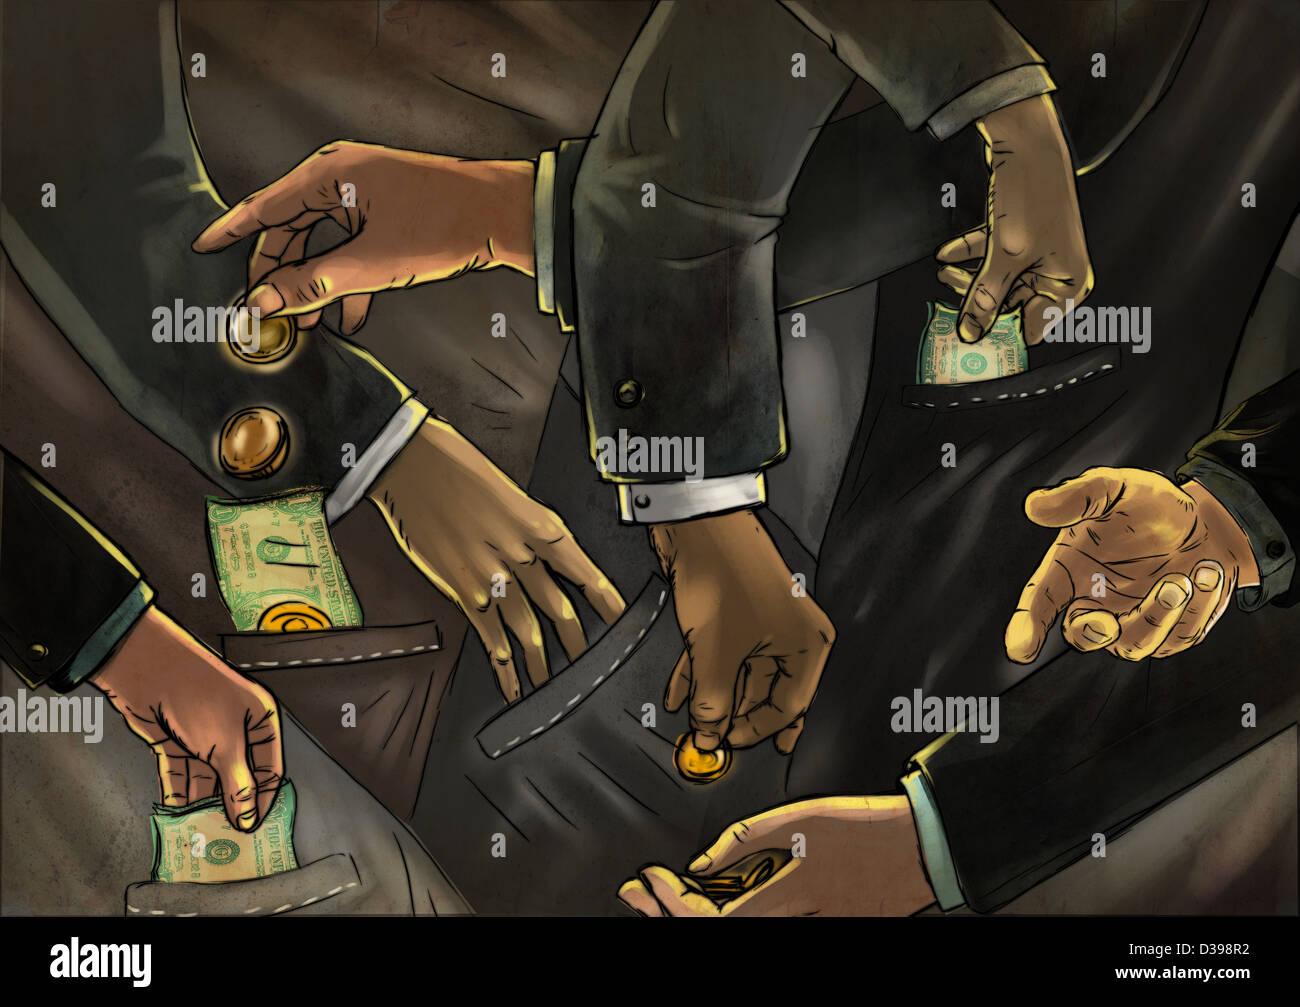 Anschauliches Bild von Geschäftsleuten, die Austausch von Geld, Betrug darstellt Stockbild